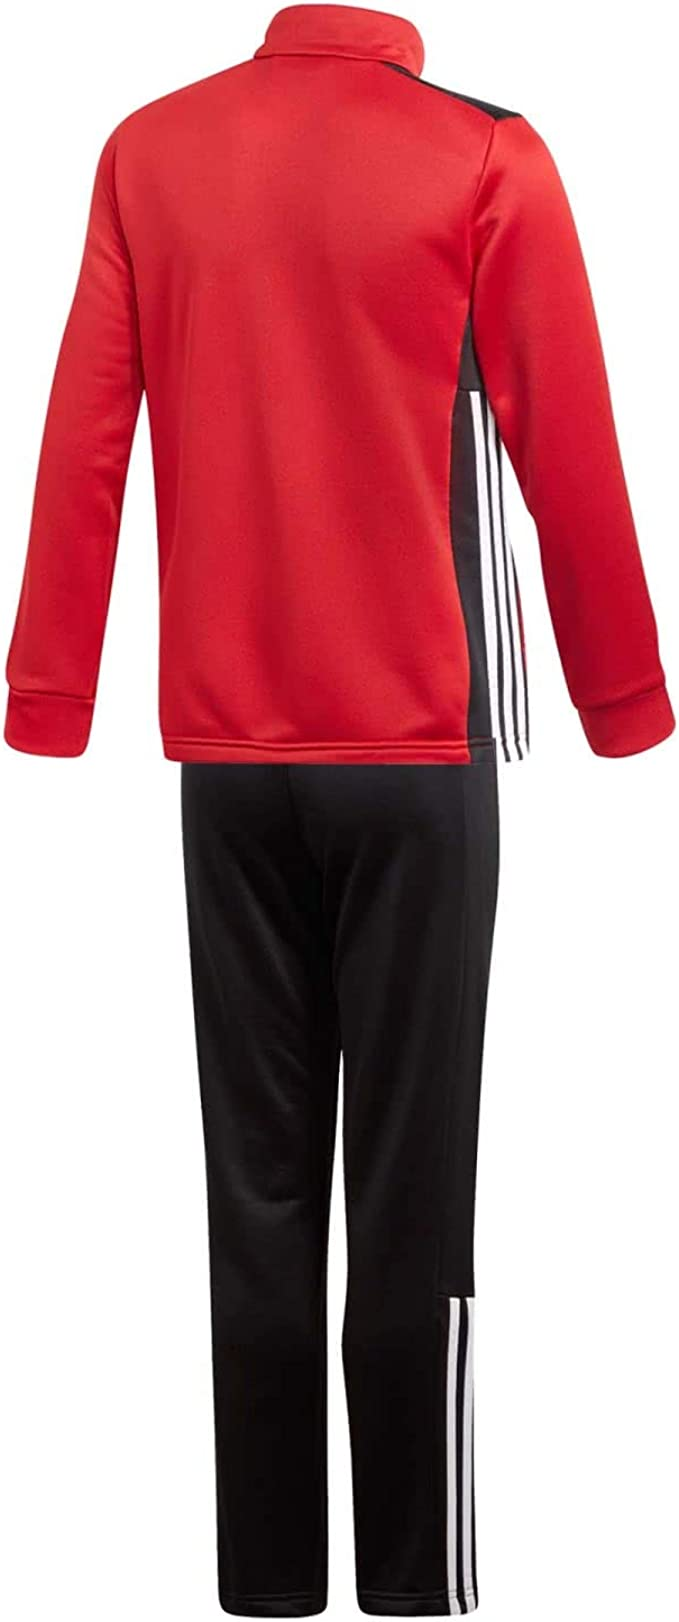 adidas Regista 18 - Chándal Infantil (poliéster) Rojo y Negro. 116 ...